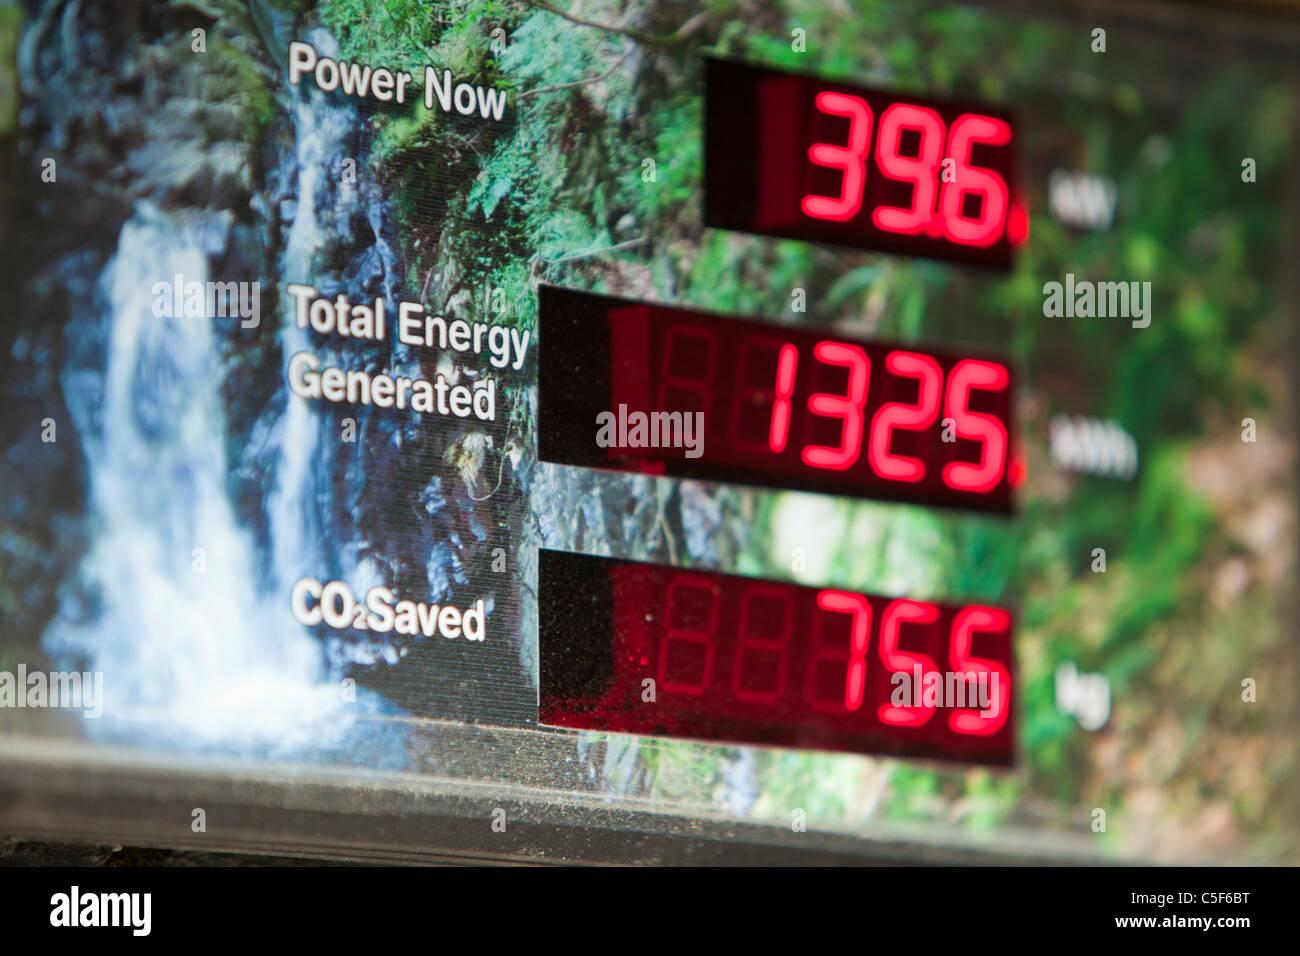 Un panel que muestra la cantidad de energía renovable generada por la turbina micro hidro en terrenos de Rydal Imagen De Stock